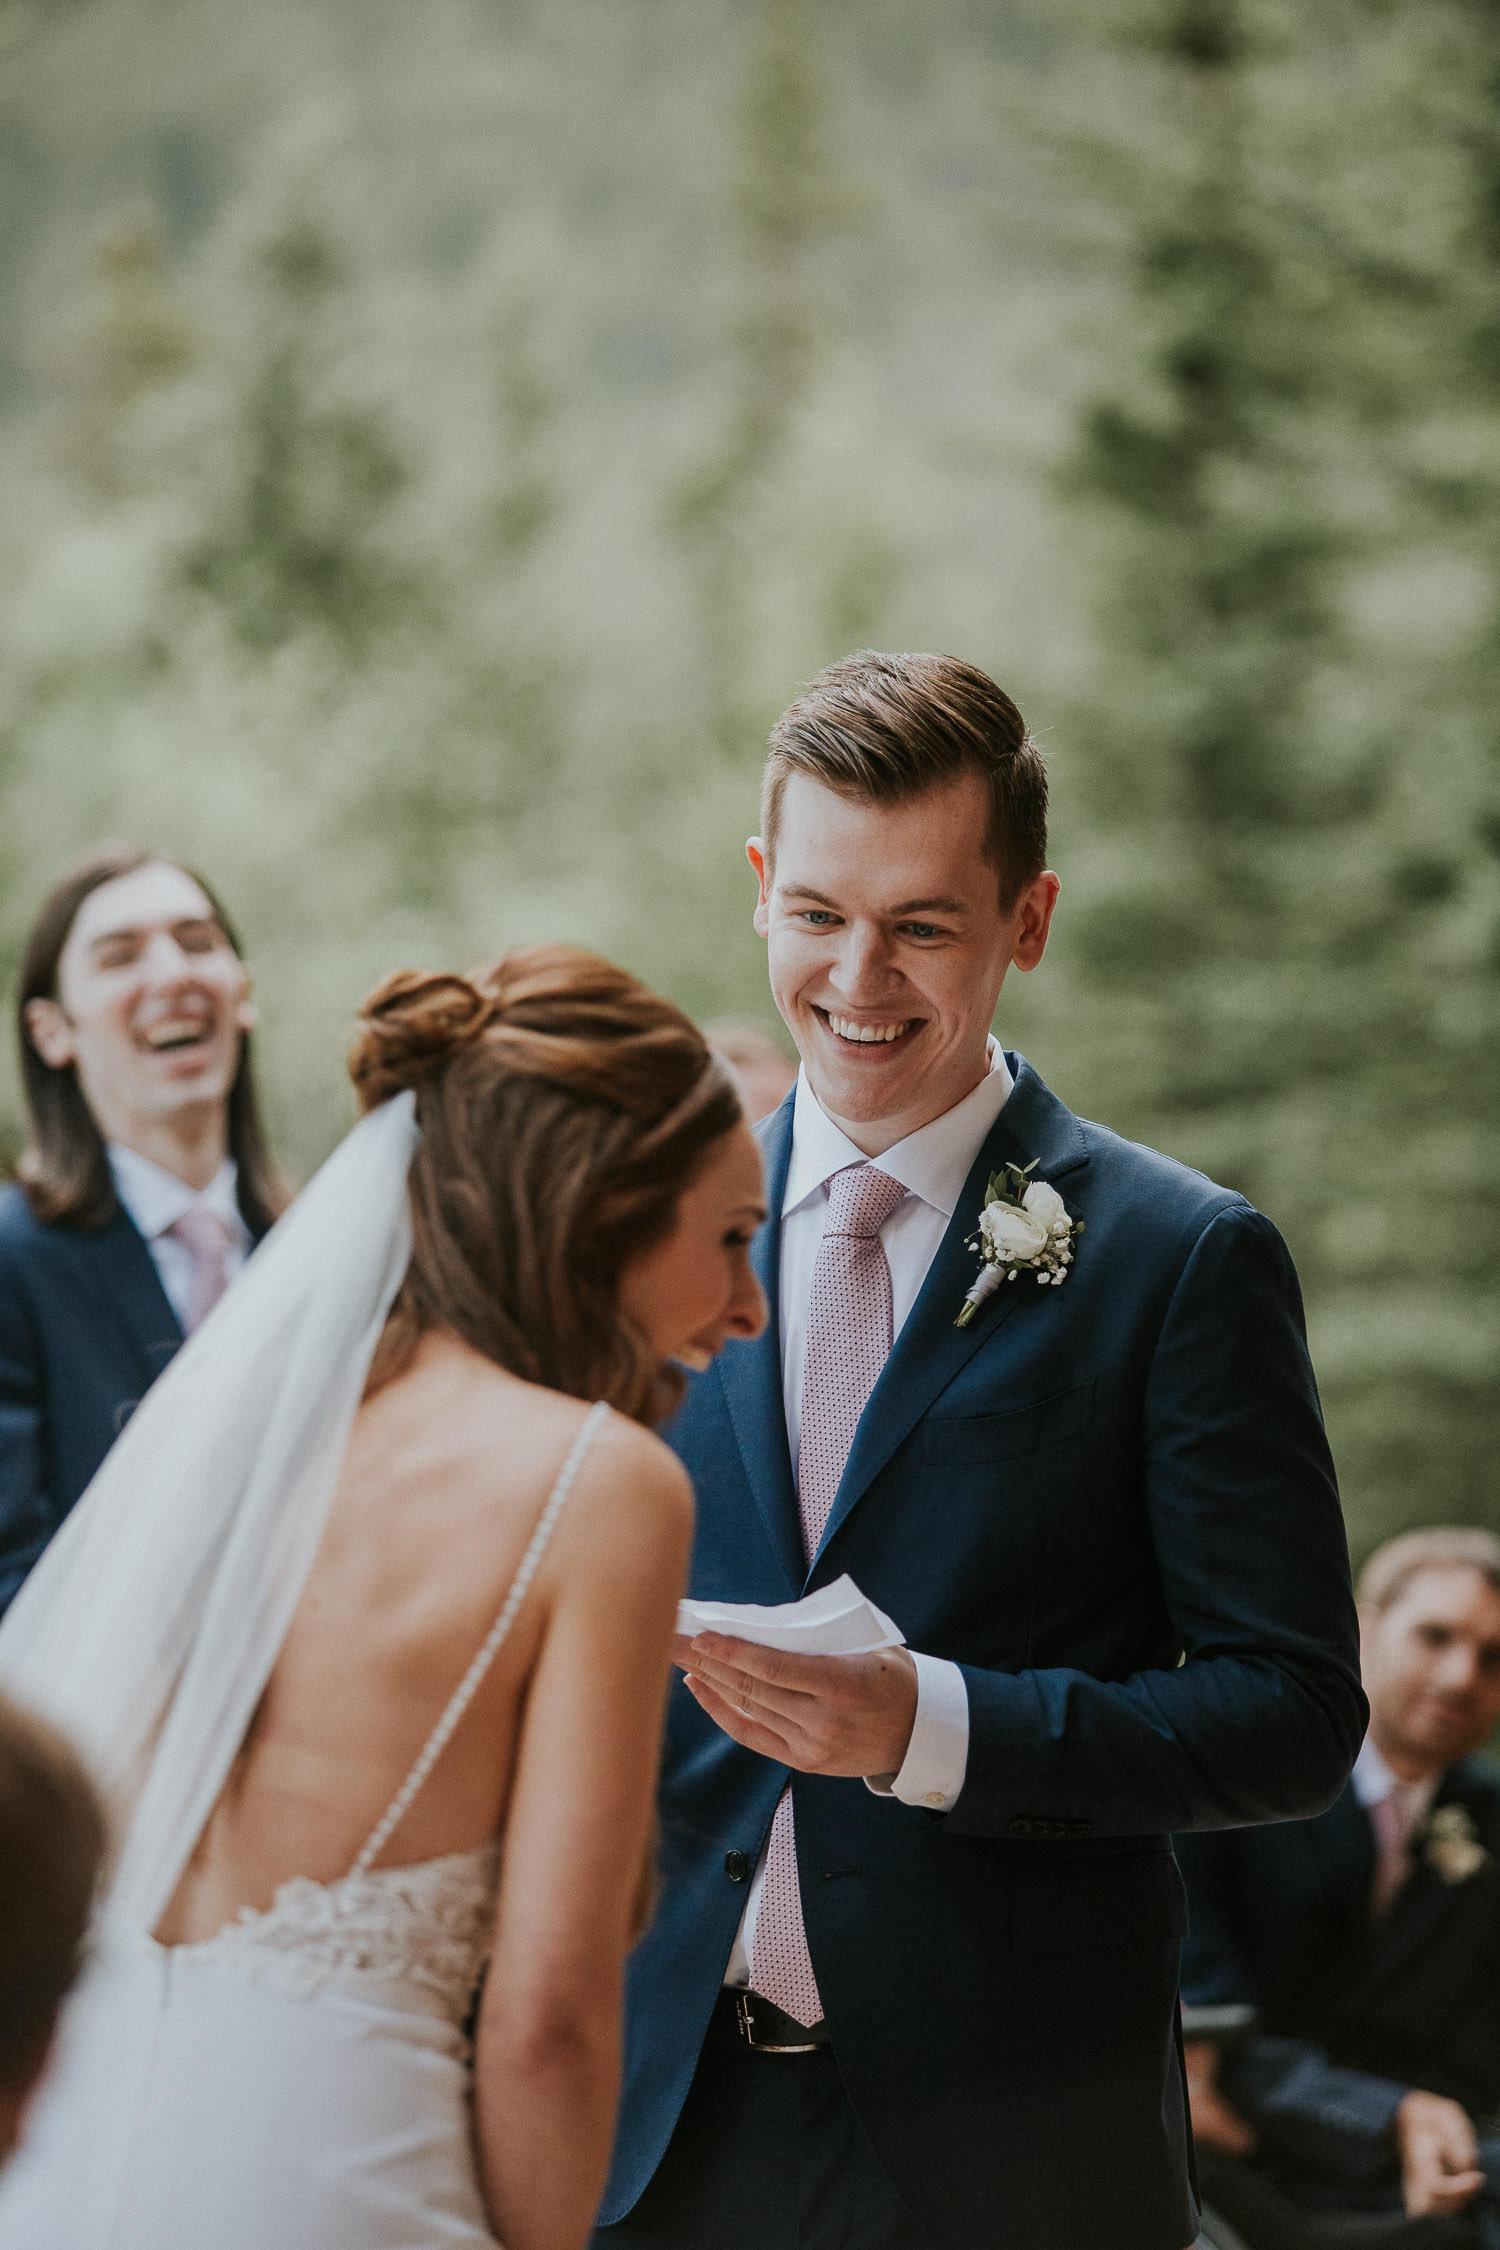 stewart-creek-wedding-sarah-pukin-268